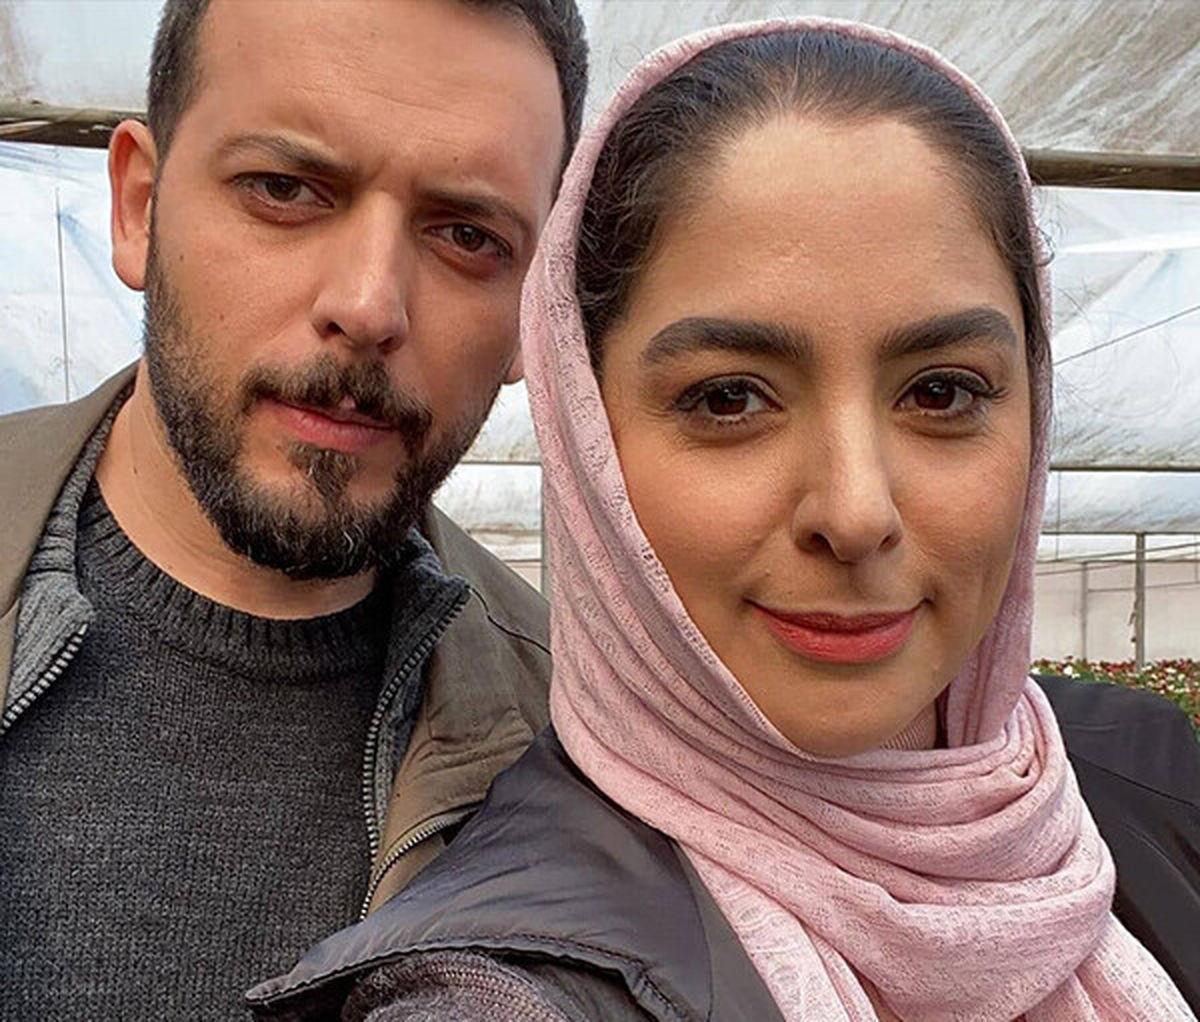 همسر پدرام شریفی کیست؟ +بیوگرافی پدرام شریفی و همسرش